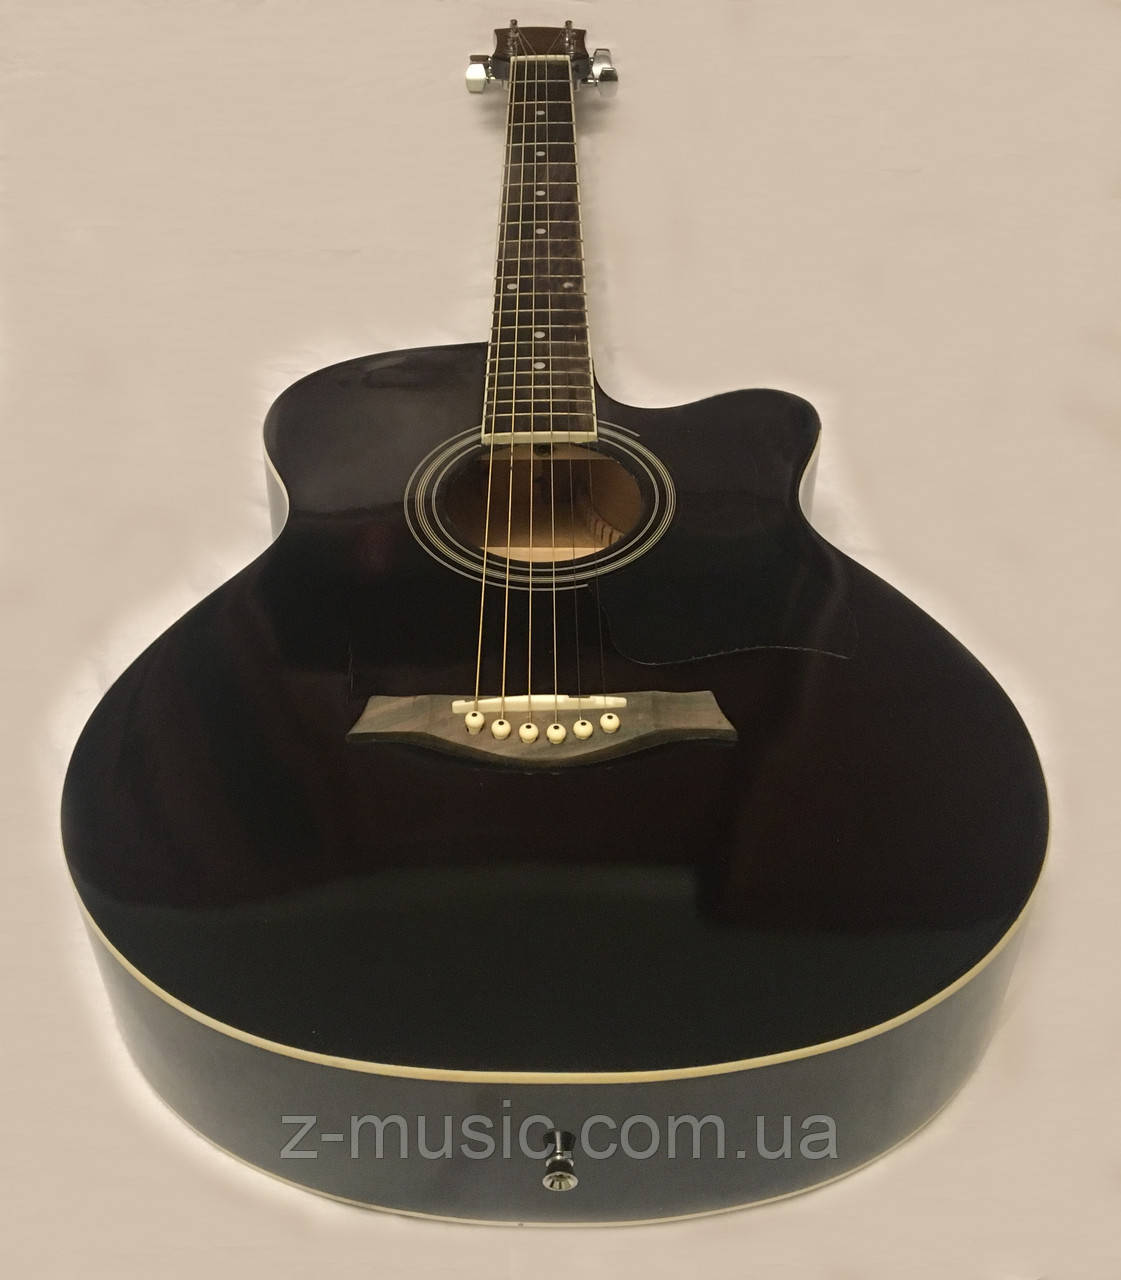 Акустическая гитара полноразмерная (4/4) FANNDEC BK + Каподастр, Медиатор, Ключ